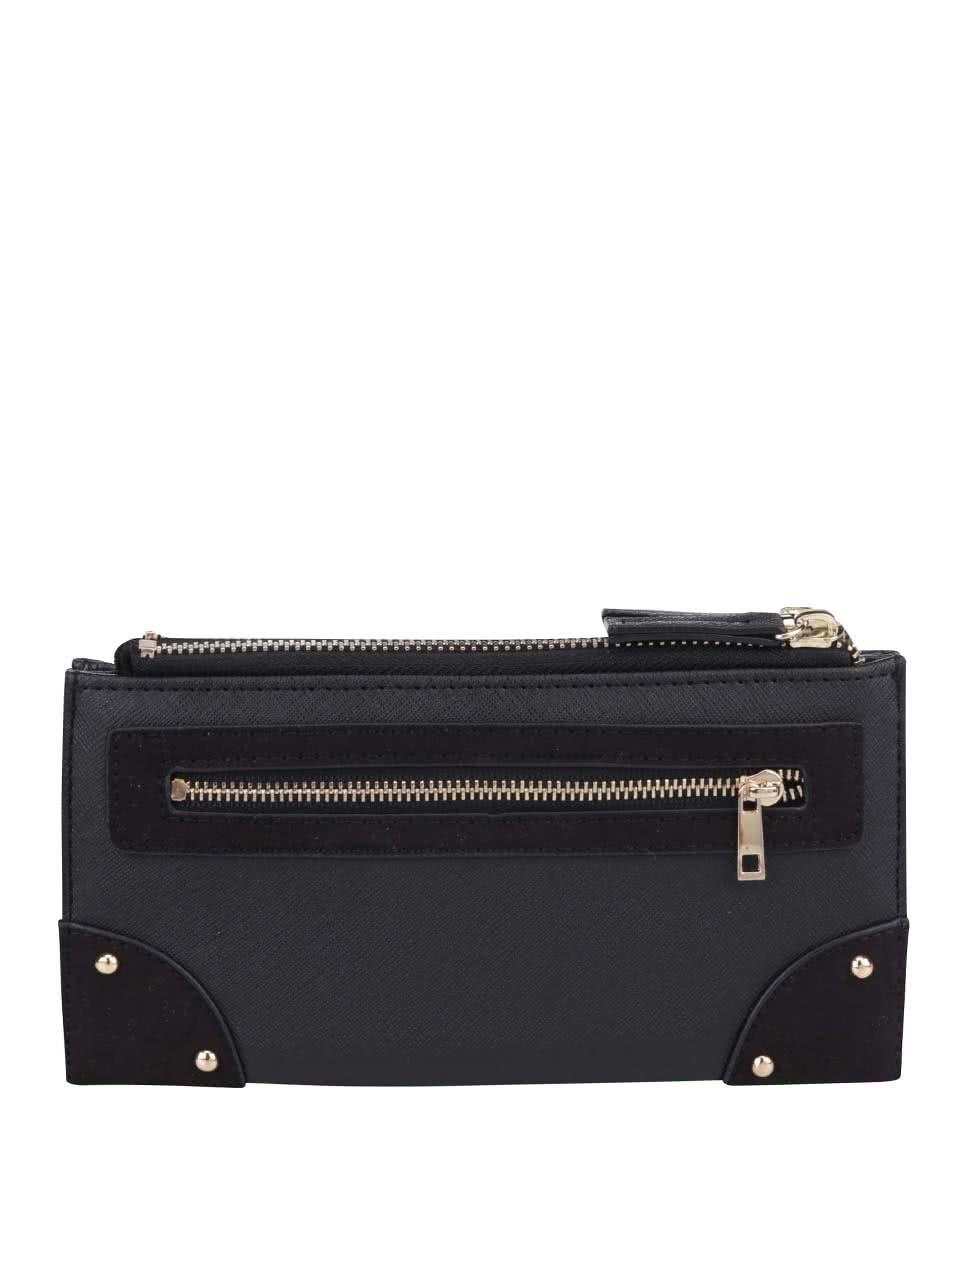 Černá peněženka s detaily ve zlaté barvě Dorothy Perkins